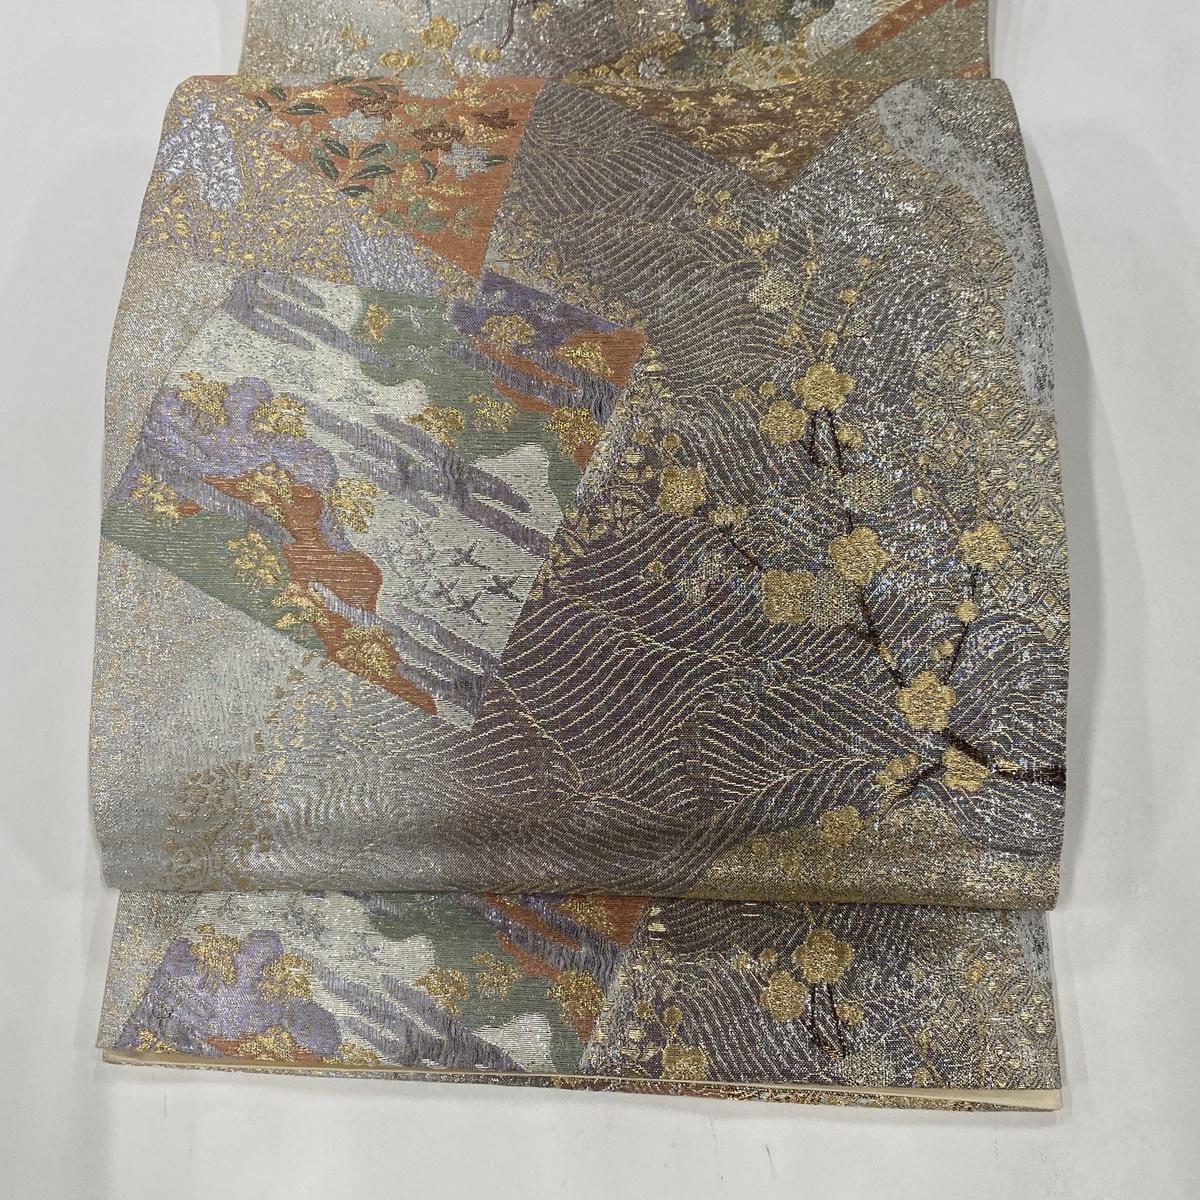 袋帯 美品 秀品 有職色紙重波文 枝梅 菊 金糸 箔 銀色 六通 正絹 【中古】